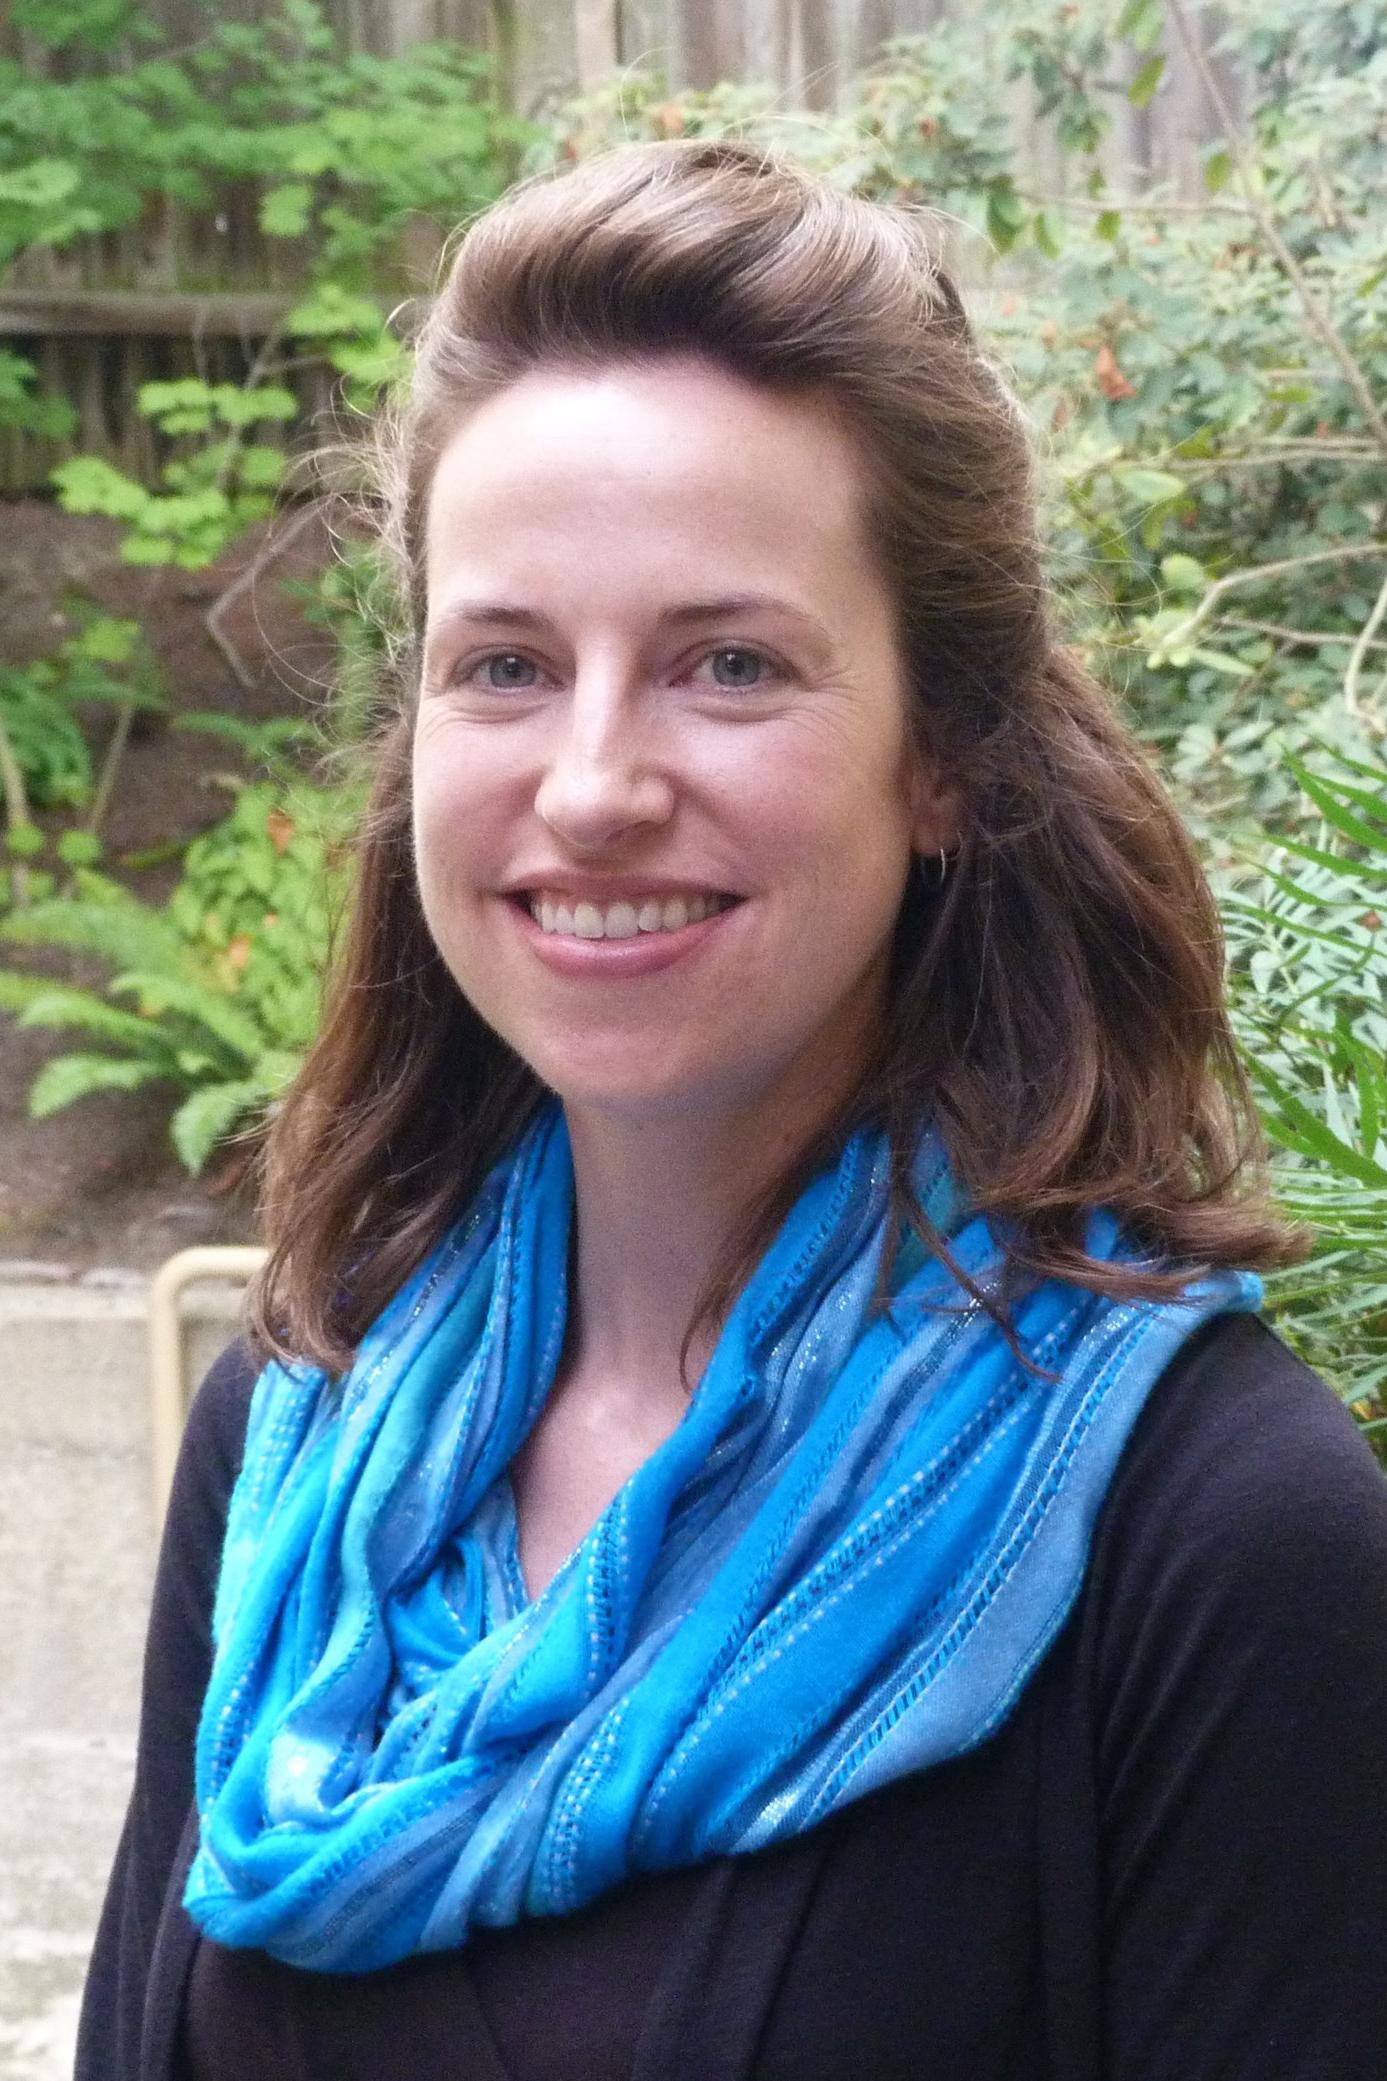 April Mulcahy